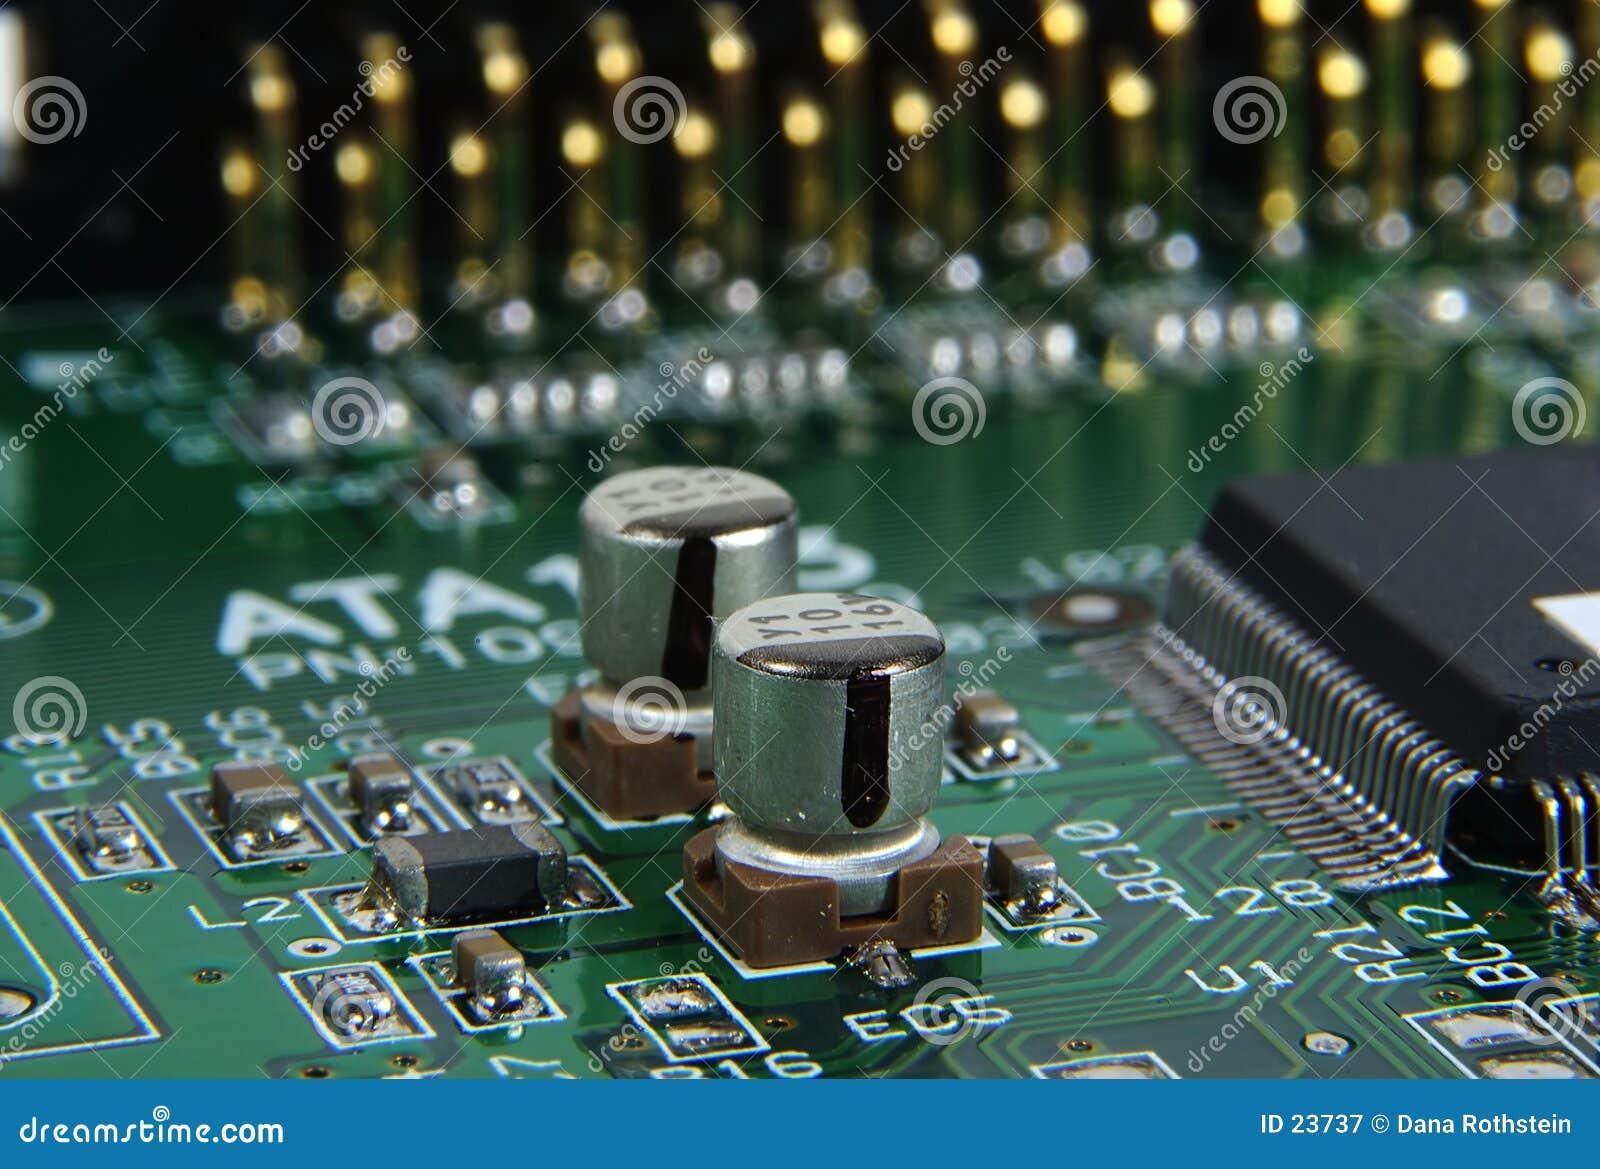 Trazado de circuito